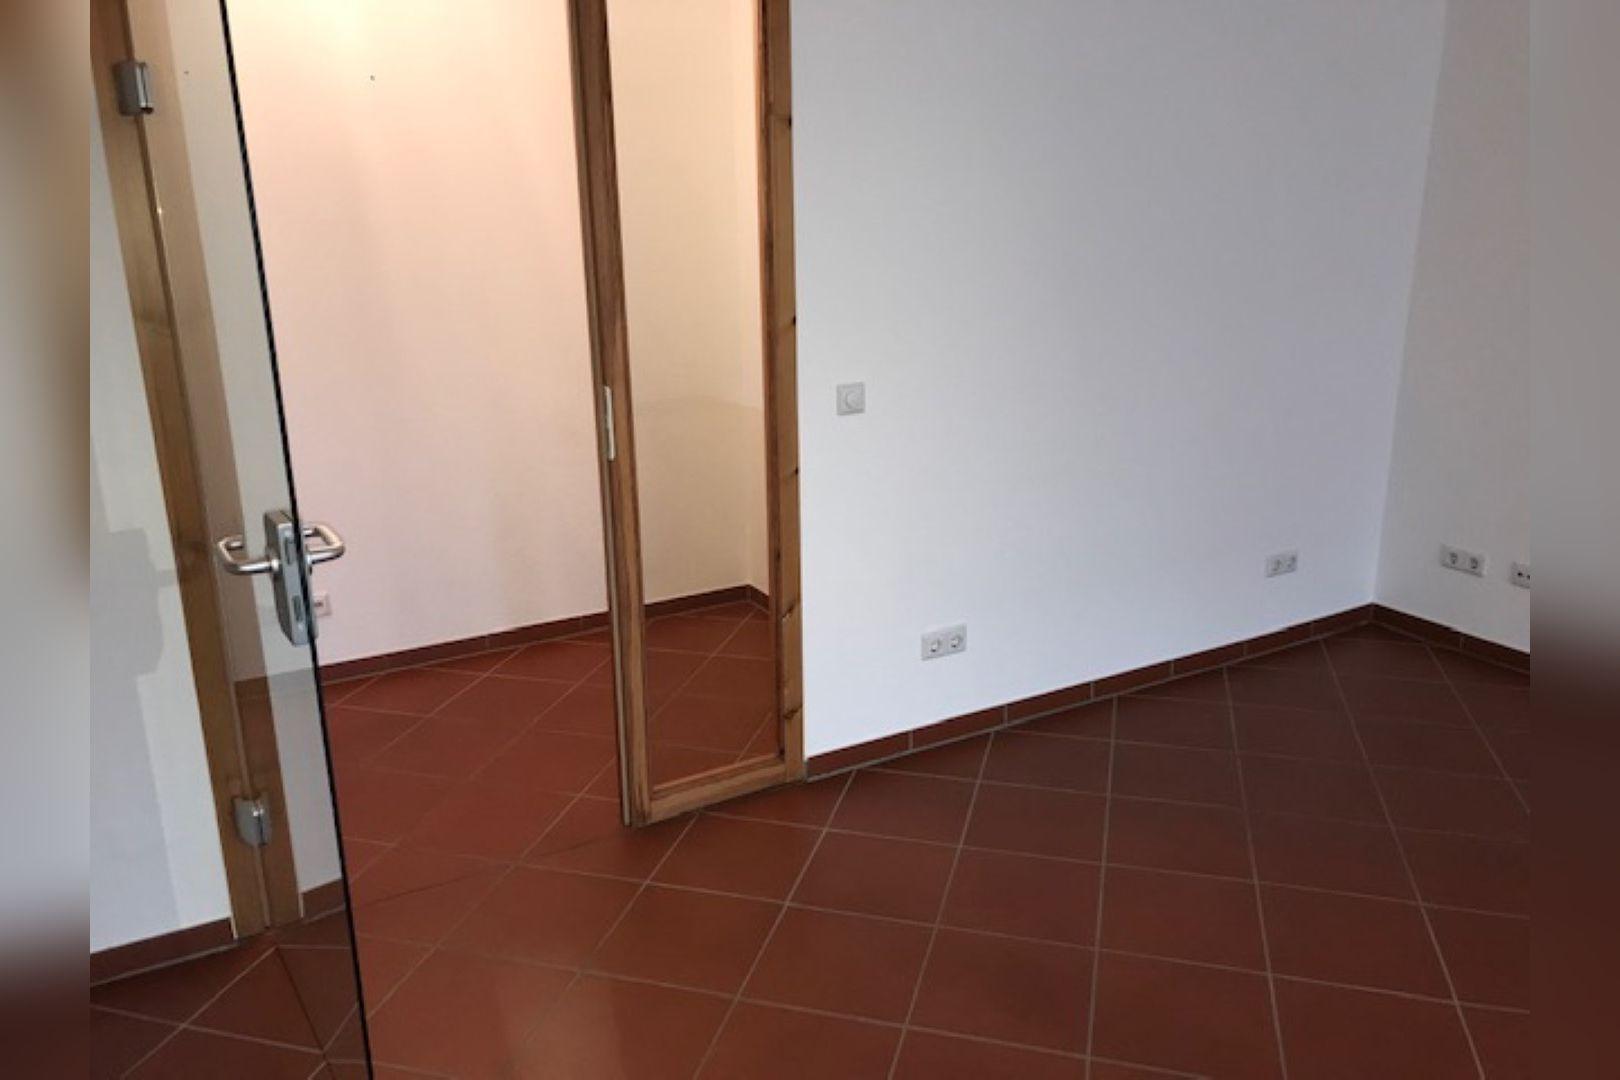 Immobilie Nr.0253 - 3-Zimmer-Maisonette-Wohnung  - Bild 17.jpg